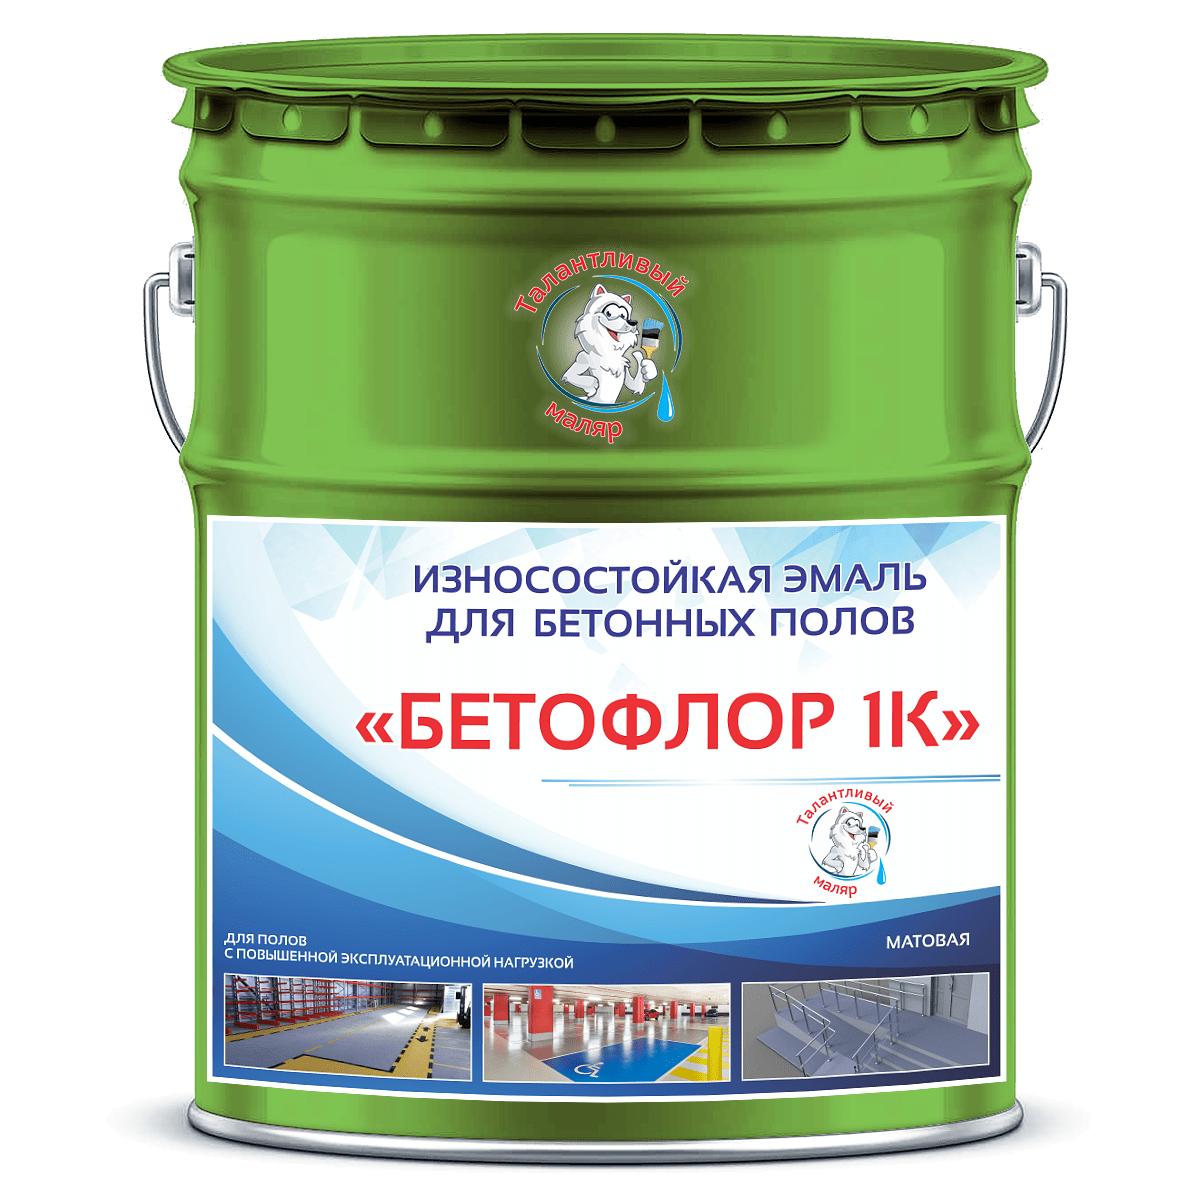 """Фото 19 - BF6018 Эмаль для бетонных полов """"Бетофлор"""" 1К цвет RAL 6018 Жёлто-зелёный, матовая износостойкая, 25 кг """"Талантливый Маляр""""."""